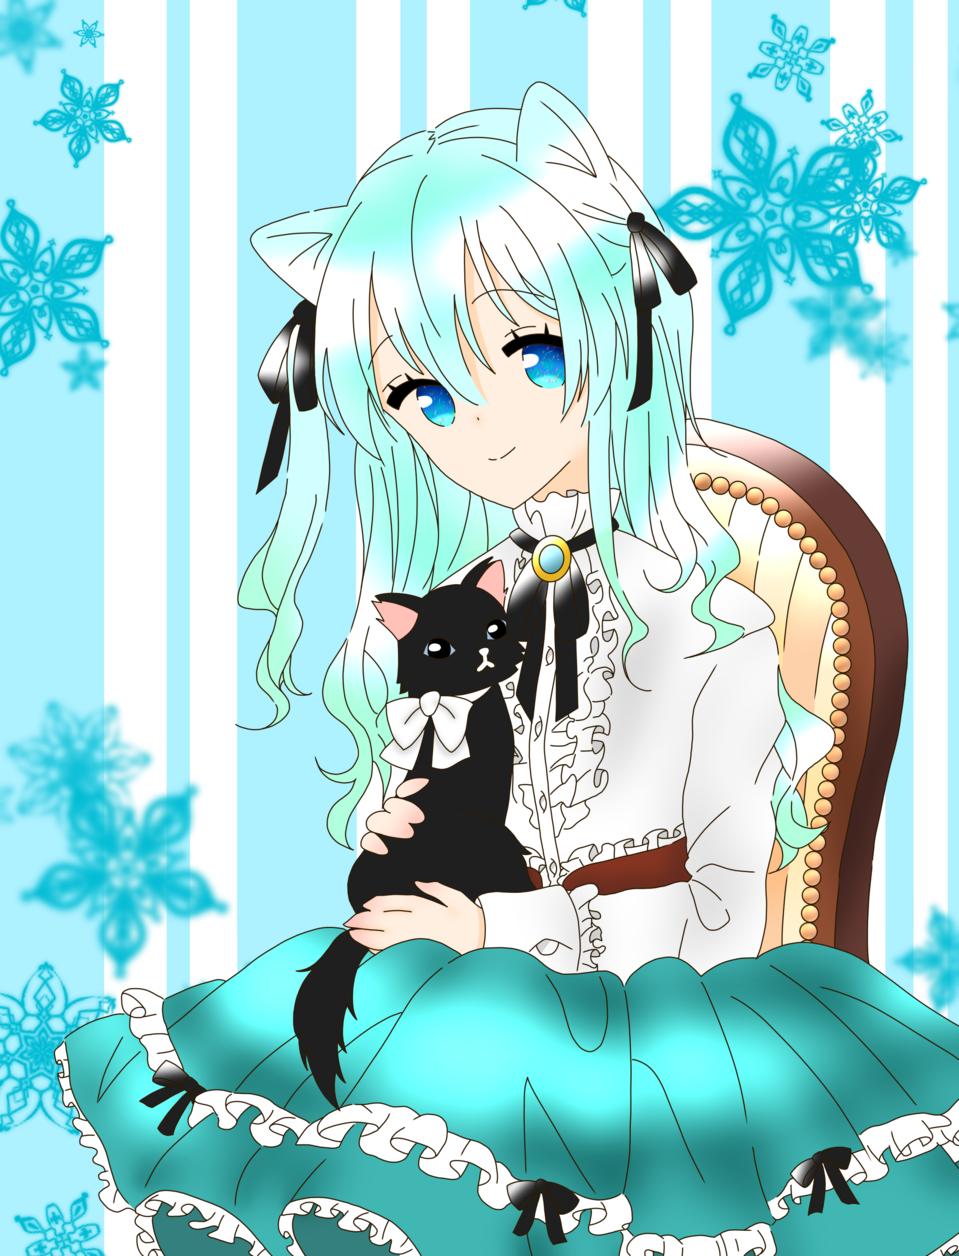 少女と黒猫(ゆすらうめ様) Illust of 桜 宮美 ゆすらうめ 黒猫 桜宮美